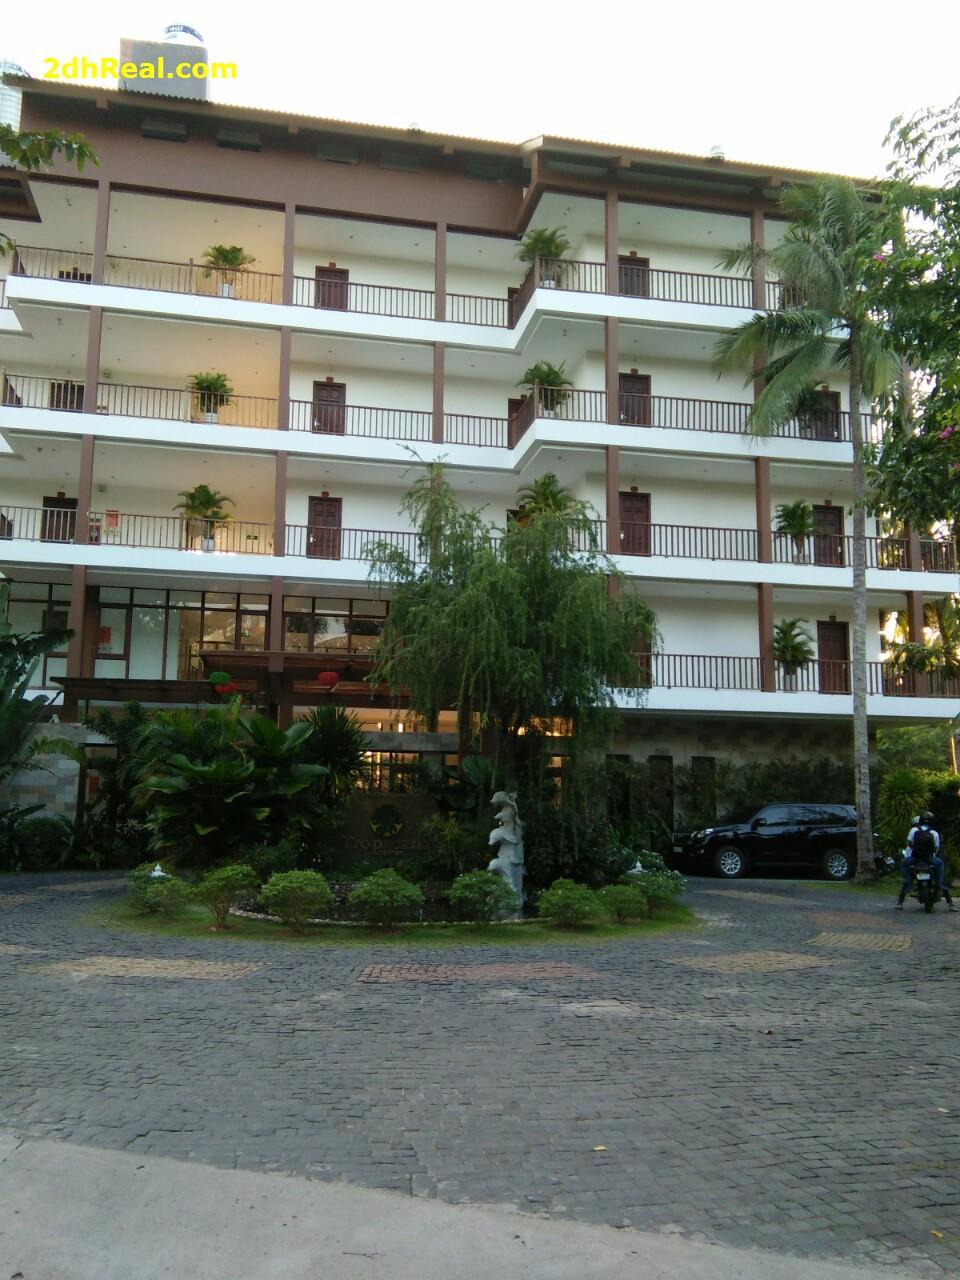 Bán Resort 5 sao thị trấn Dương Đông, Phú Quốc, 30 triệu USD